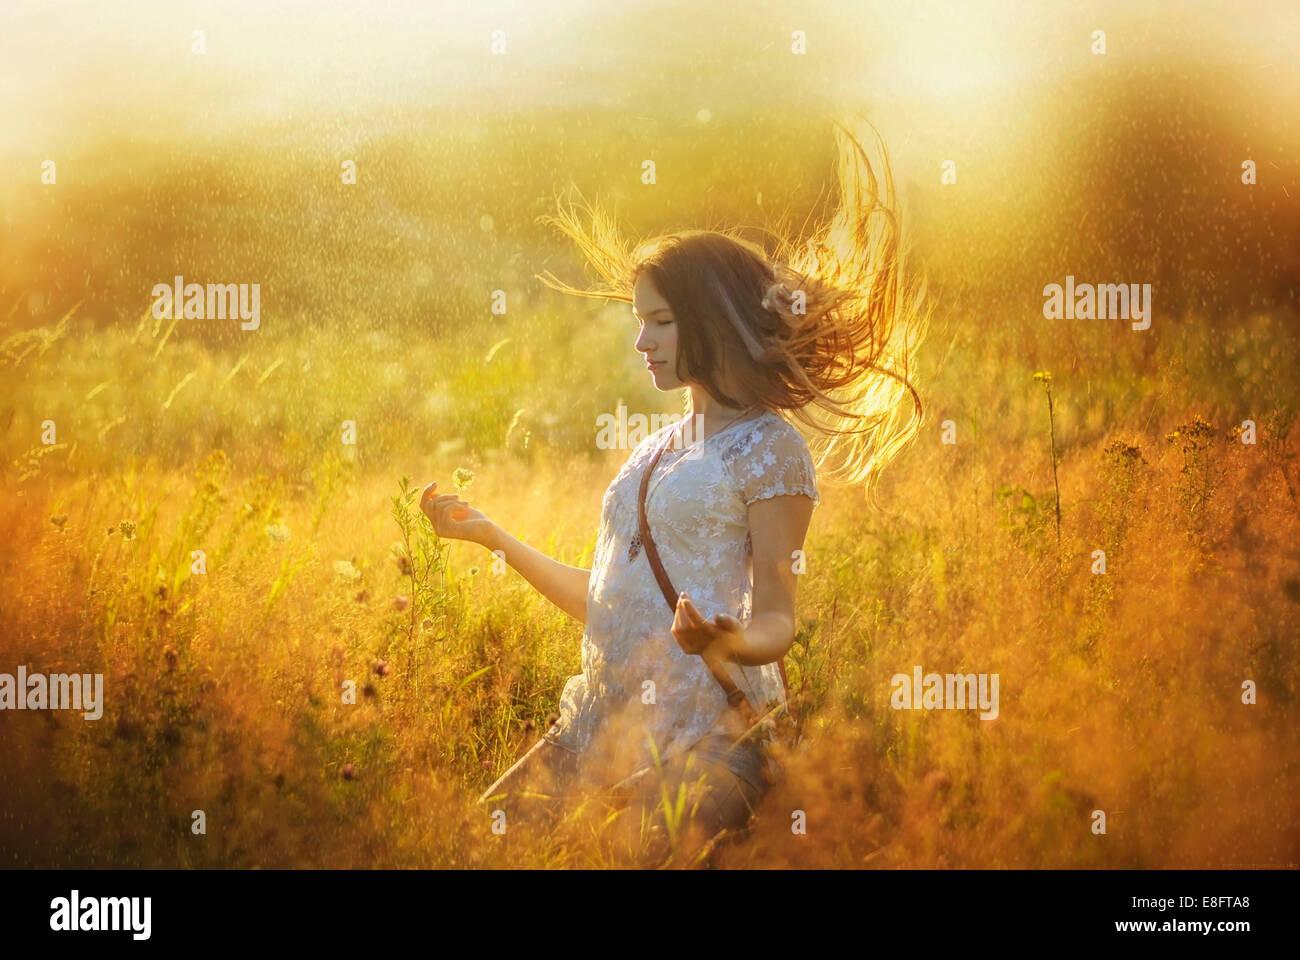 Chica meditando en el exterior Imagen De Stock